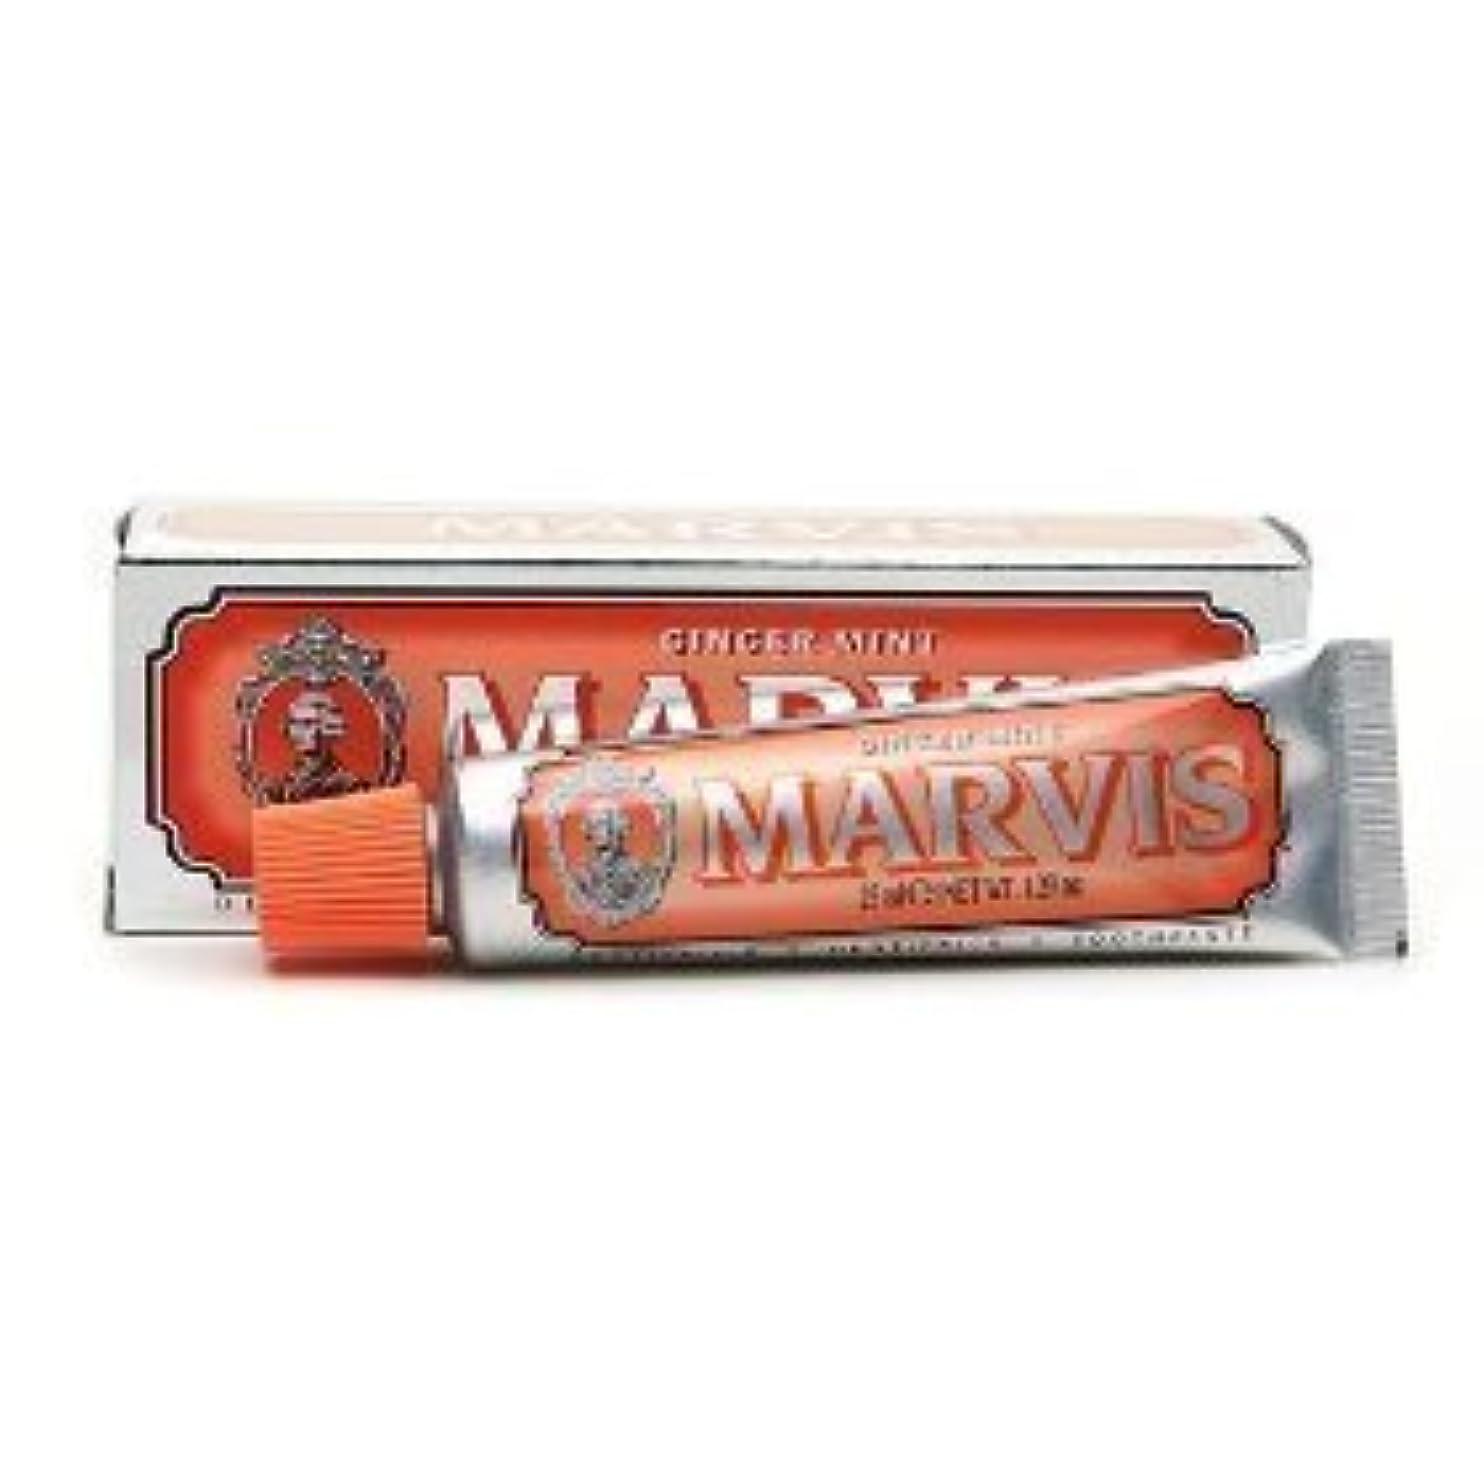 逃れる蚊苦Marvis Toothpaste Ginger Mint Travel Size by Marvis [並行輸入品]